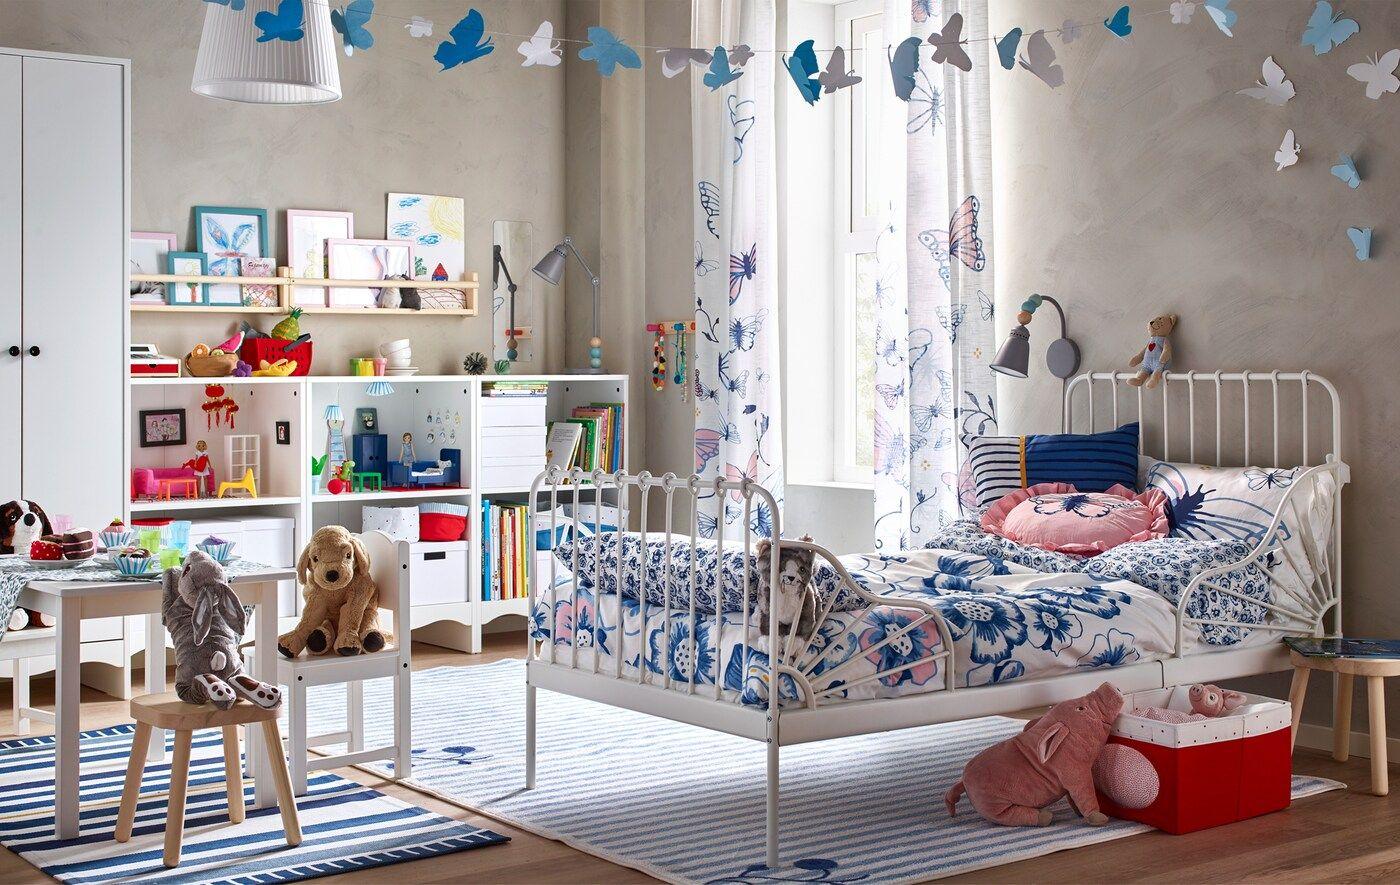 Full Size of Kinderzimmer Aufbewahrung Regal Ikea Aufbewahrungssystem Spielzeug Lidl Ideen Fr Ein Verspieltes In 2020 Aufbewahrungsbehälter Küche Bett Mit Regale Weiß Kinderzimmer Kinderzimmer Aufbewahrung